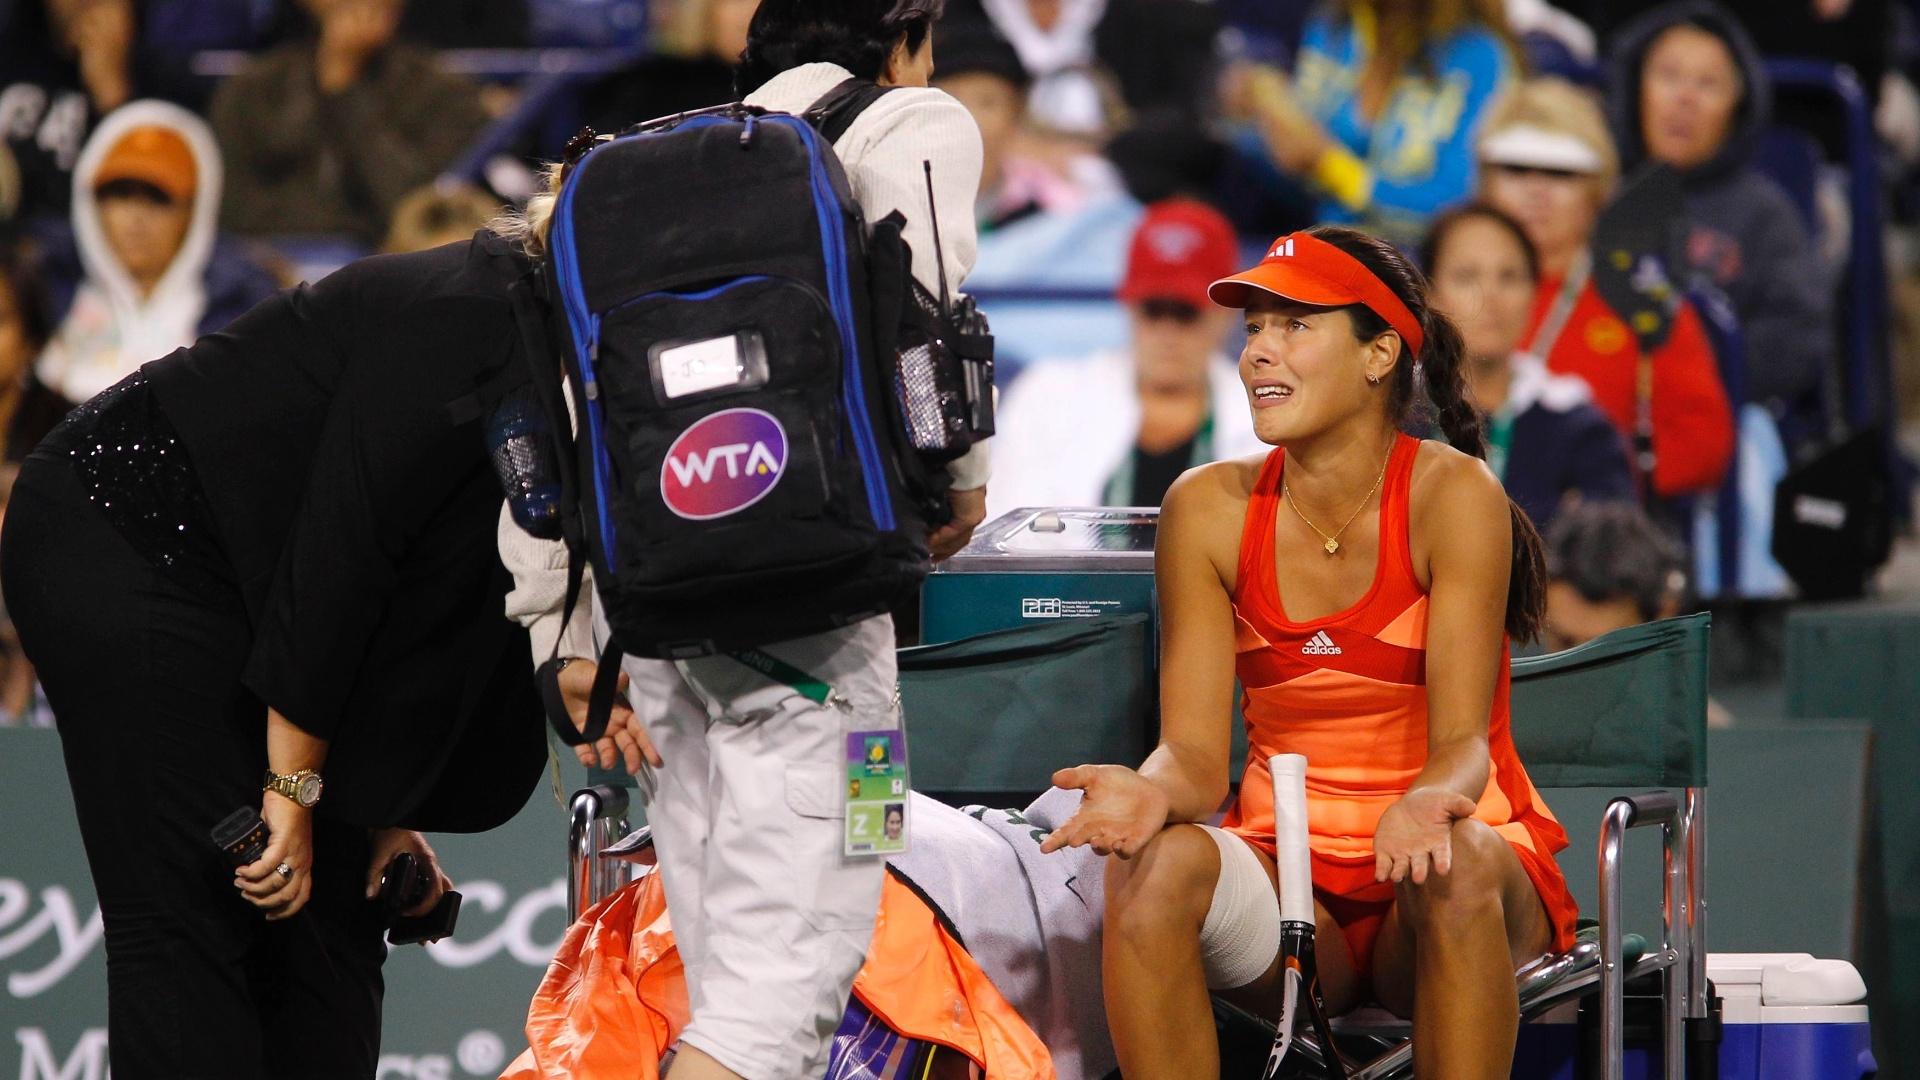 Após sentir lesão no quadril esquerdo, a sérvia Ana Ivanovic chora antes de abandonar semifinal de Indian Wells contra Maria Sharapova, da Rússia